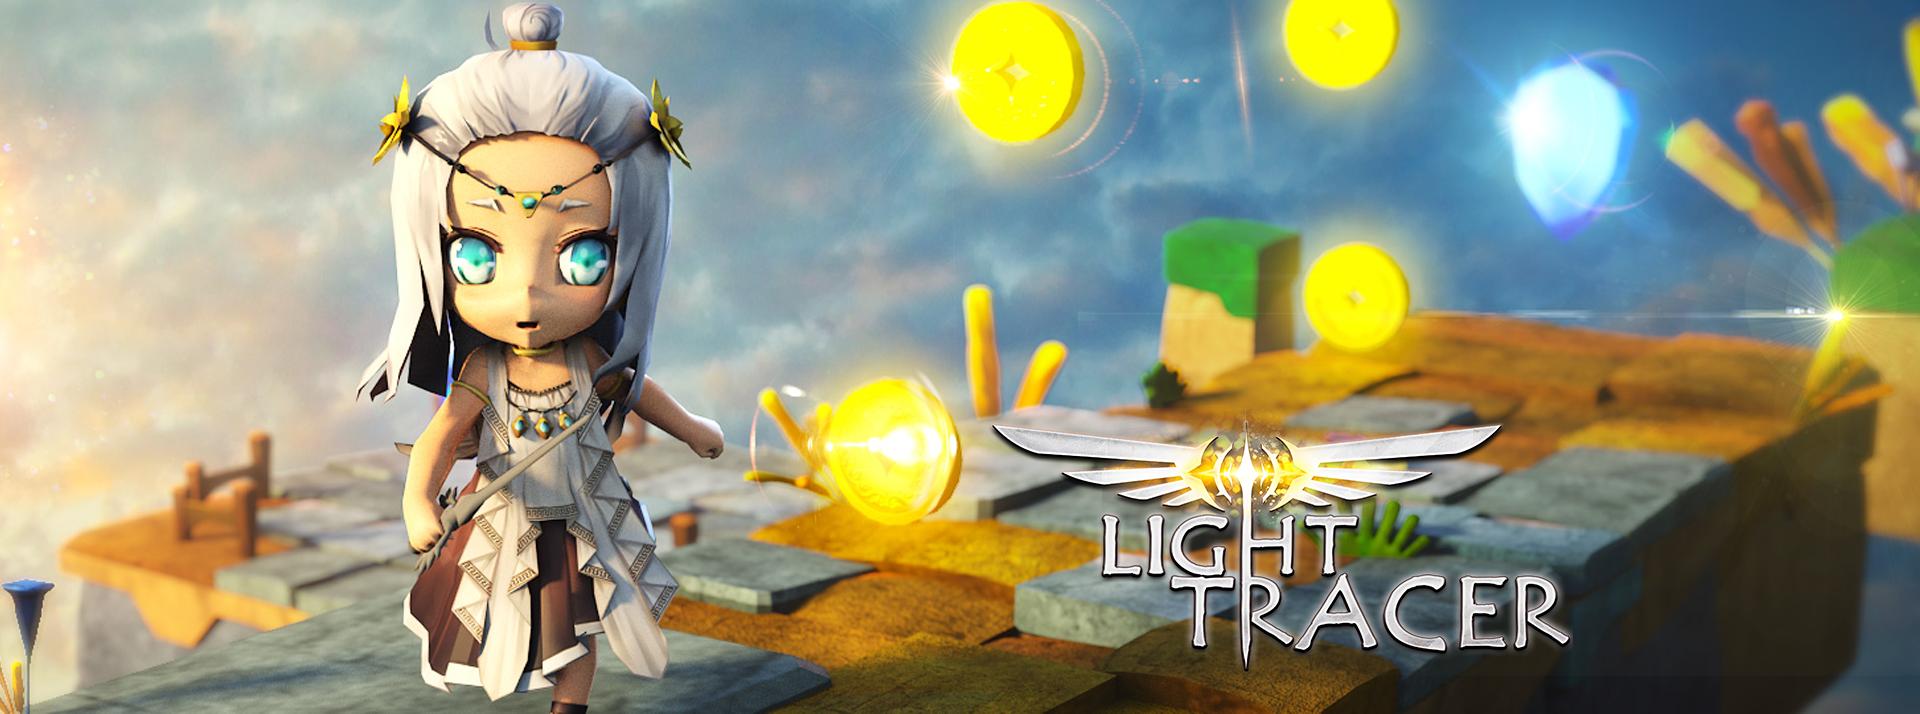 2_Light Tracer